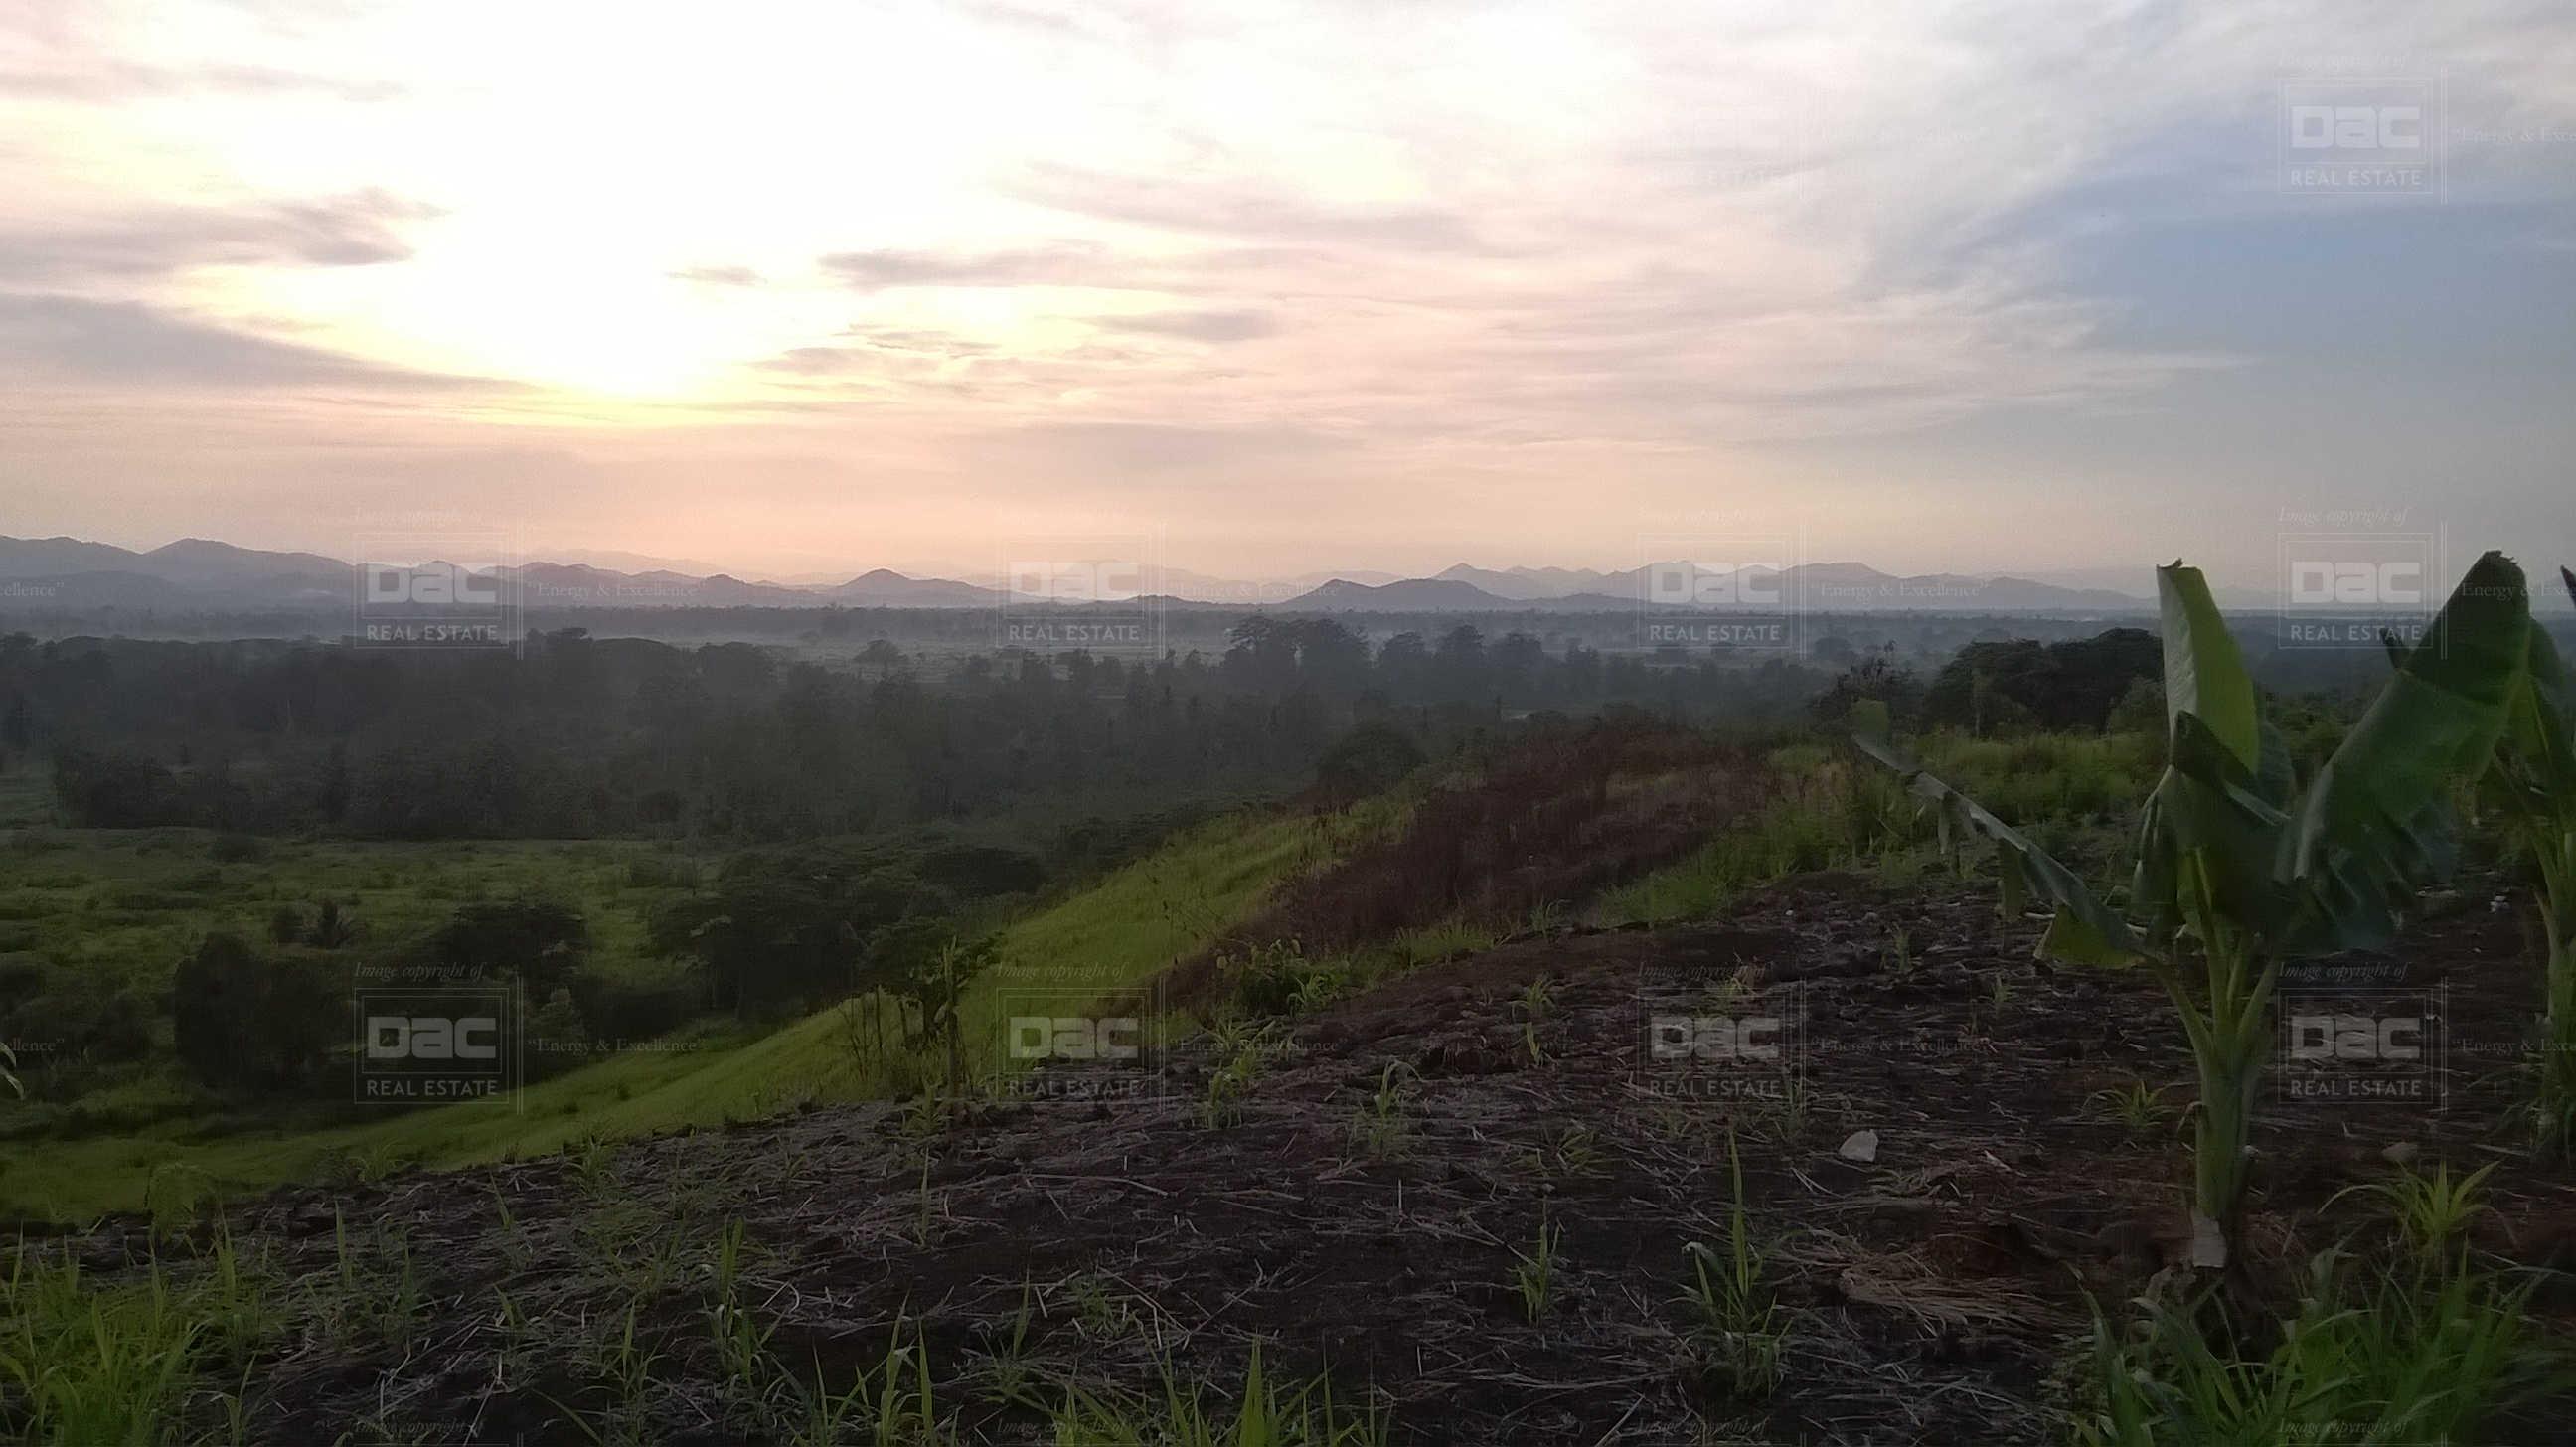 VLV432: Agricultural Land for Sale